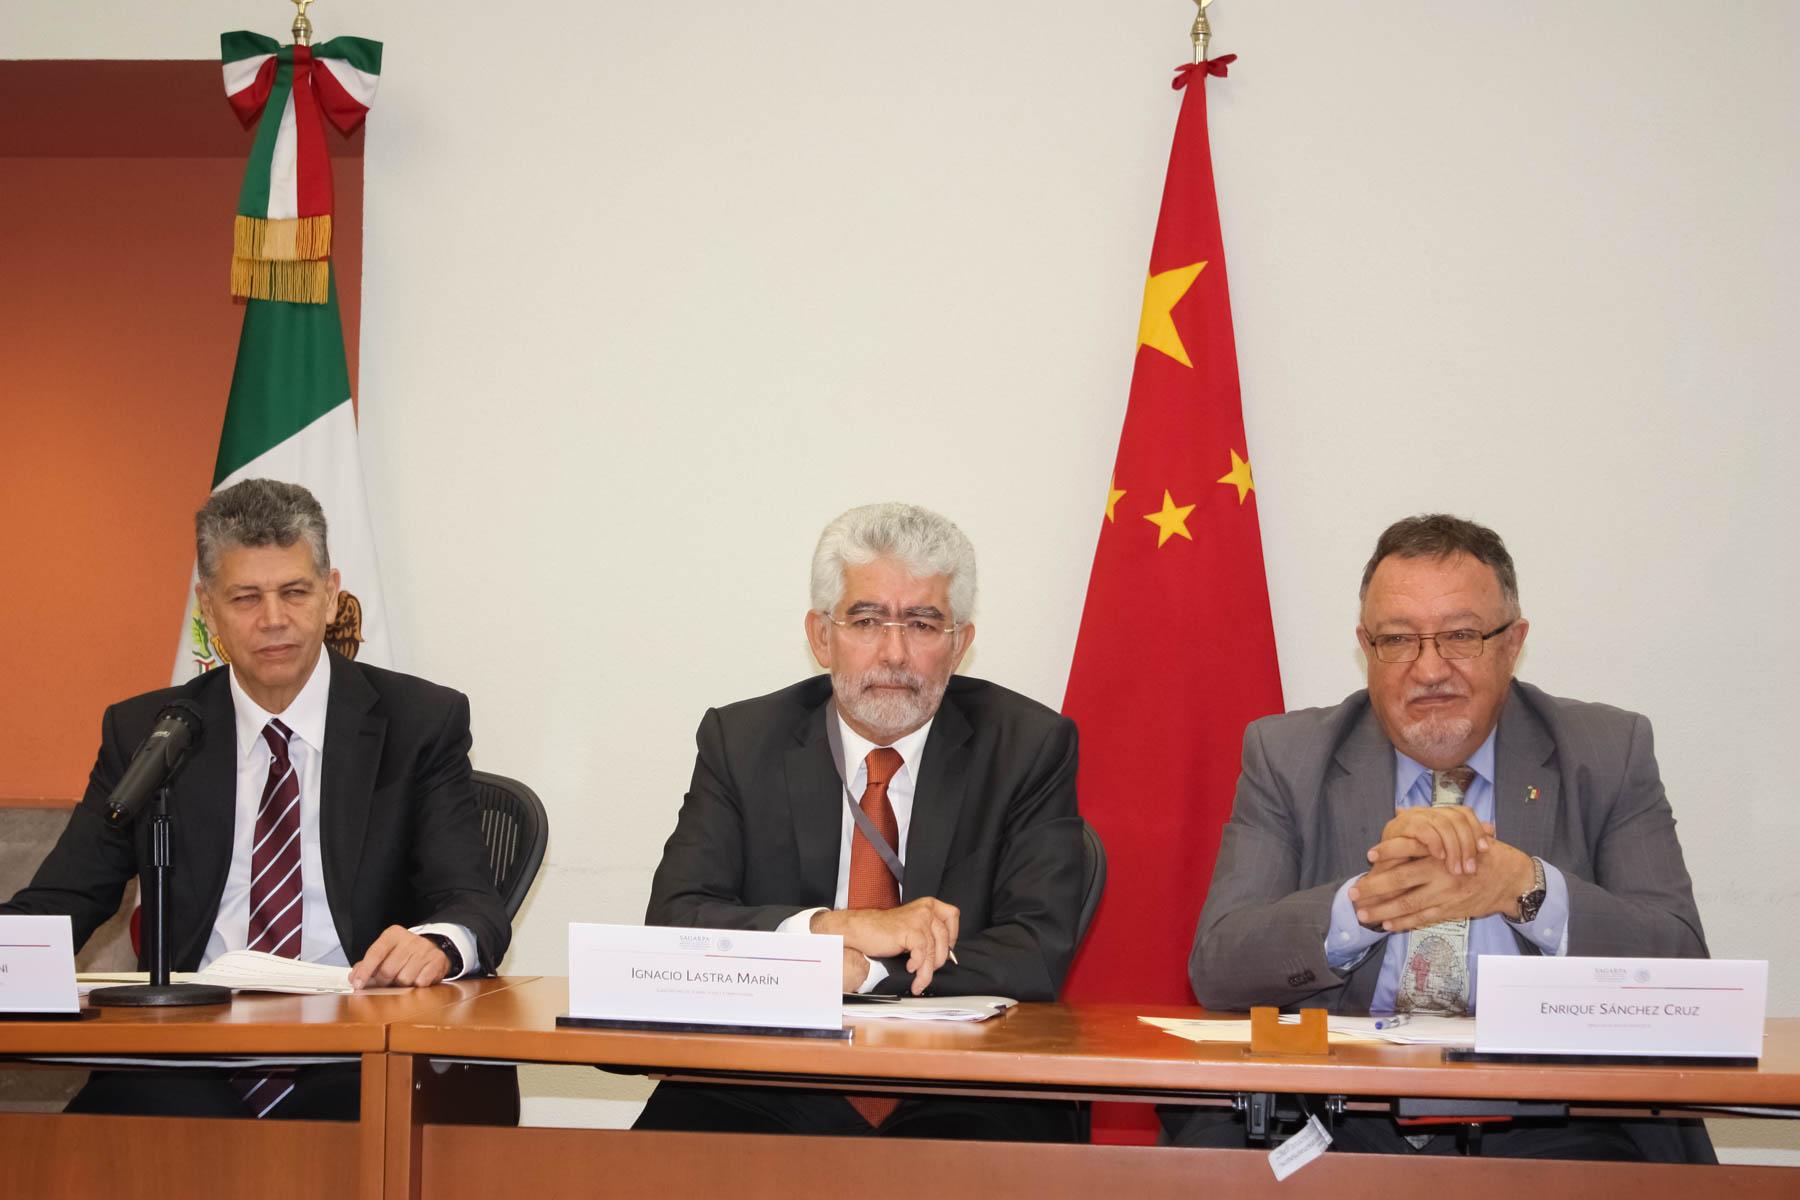 Subsecretario de Alimentación, Ignacio Lastra